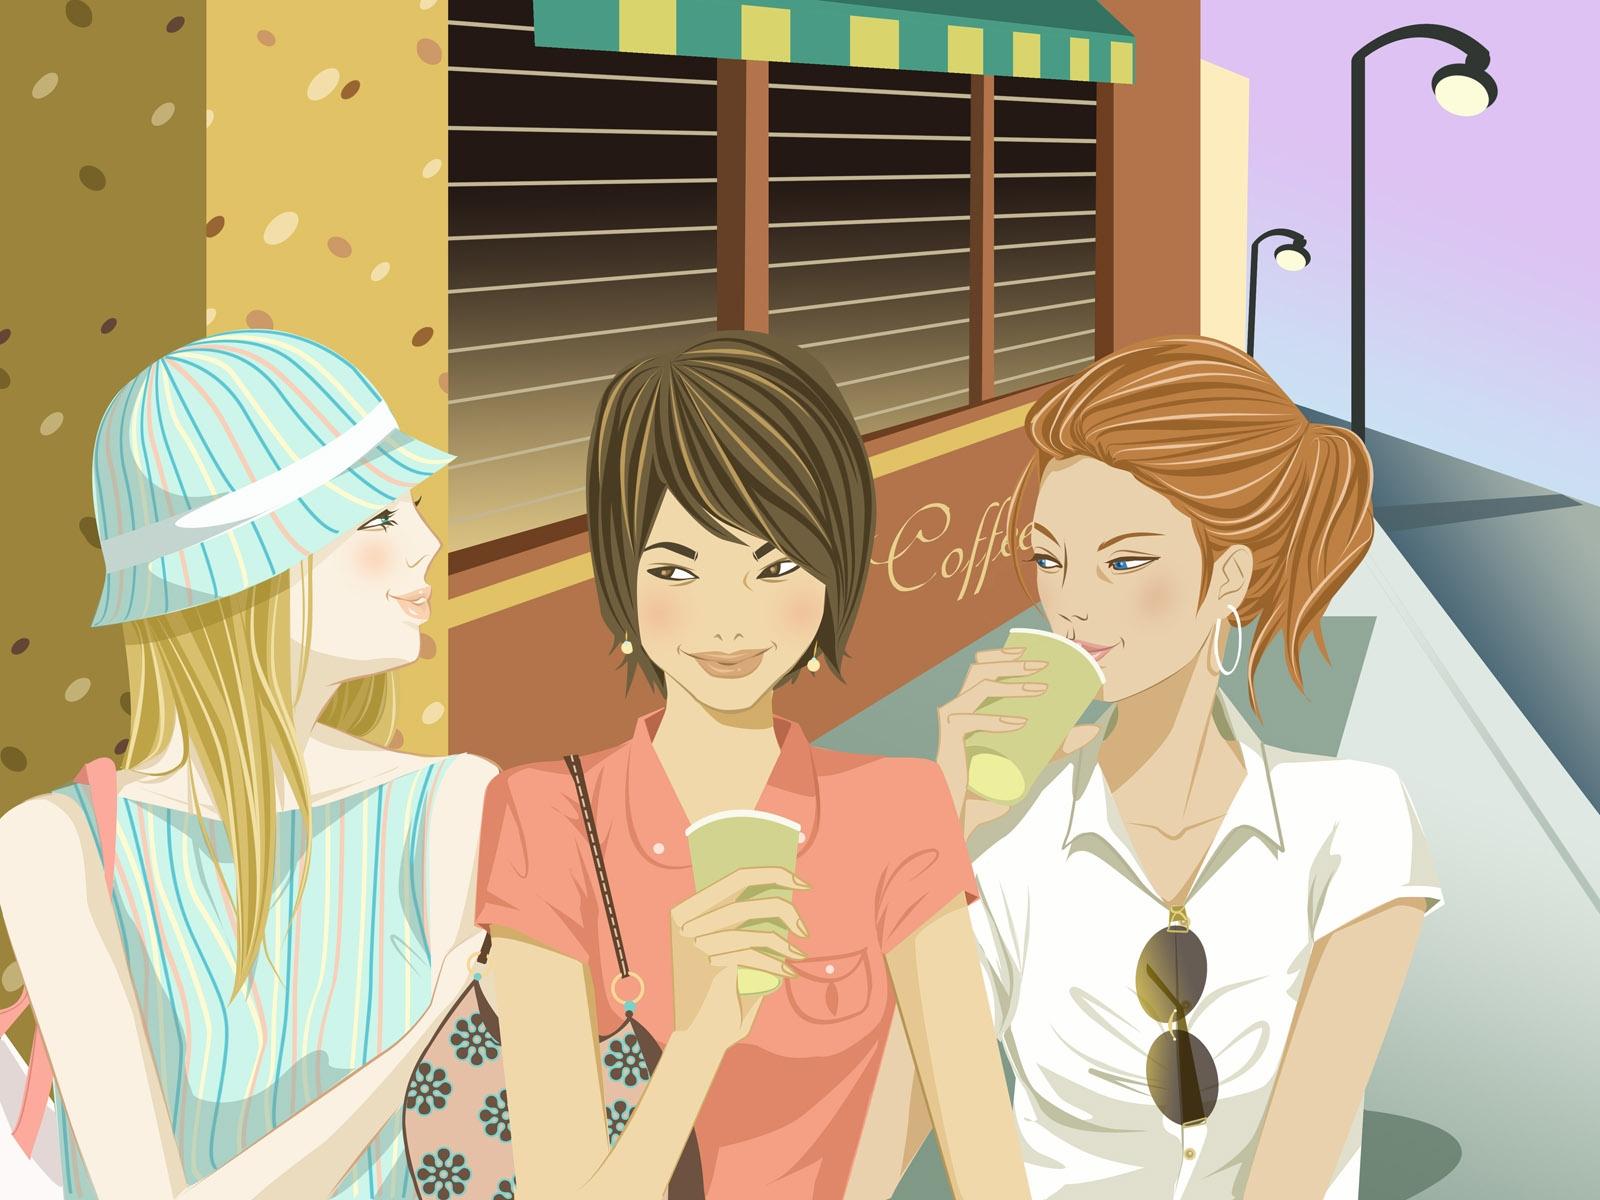 Tapety Ilustrace Ulice Anime Kreslena Pohadka Osoba Chuze